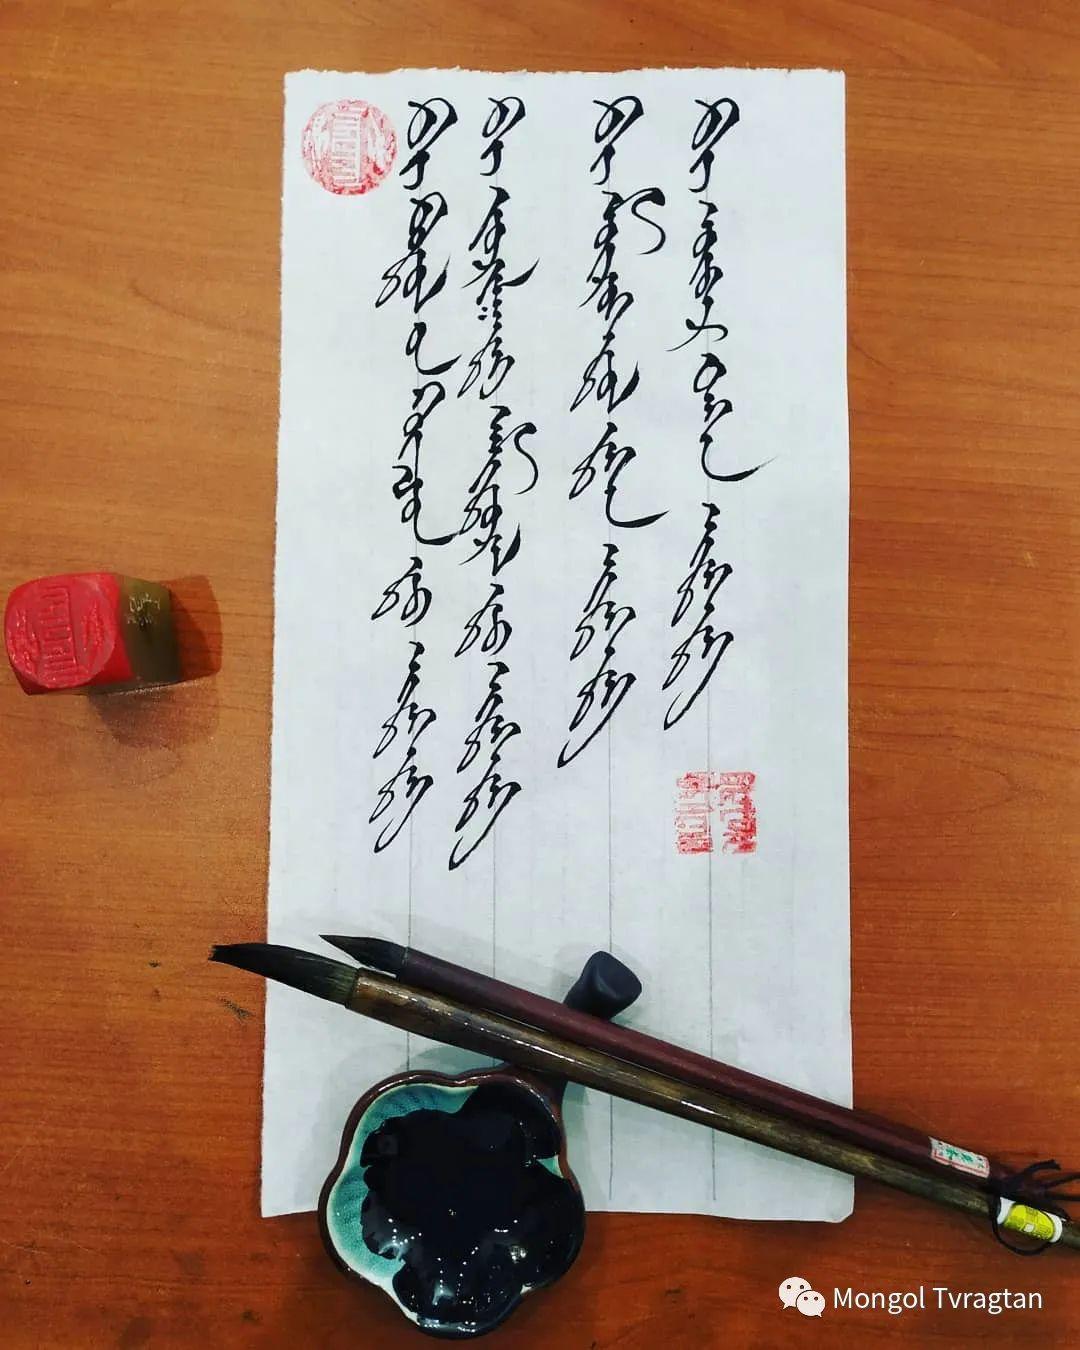 ᠤᠷᠠᠨ ᠪᠢᠴᠢᠯᠭᠡ 第16张 ᠤᠷᠠᠨ ᠪᠢᠴᠢᠯᠭᠡ 蒙古书法